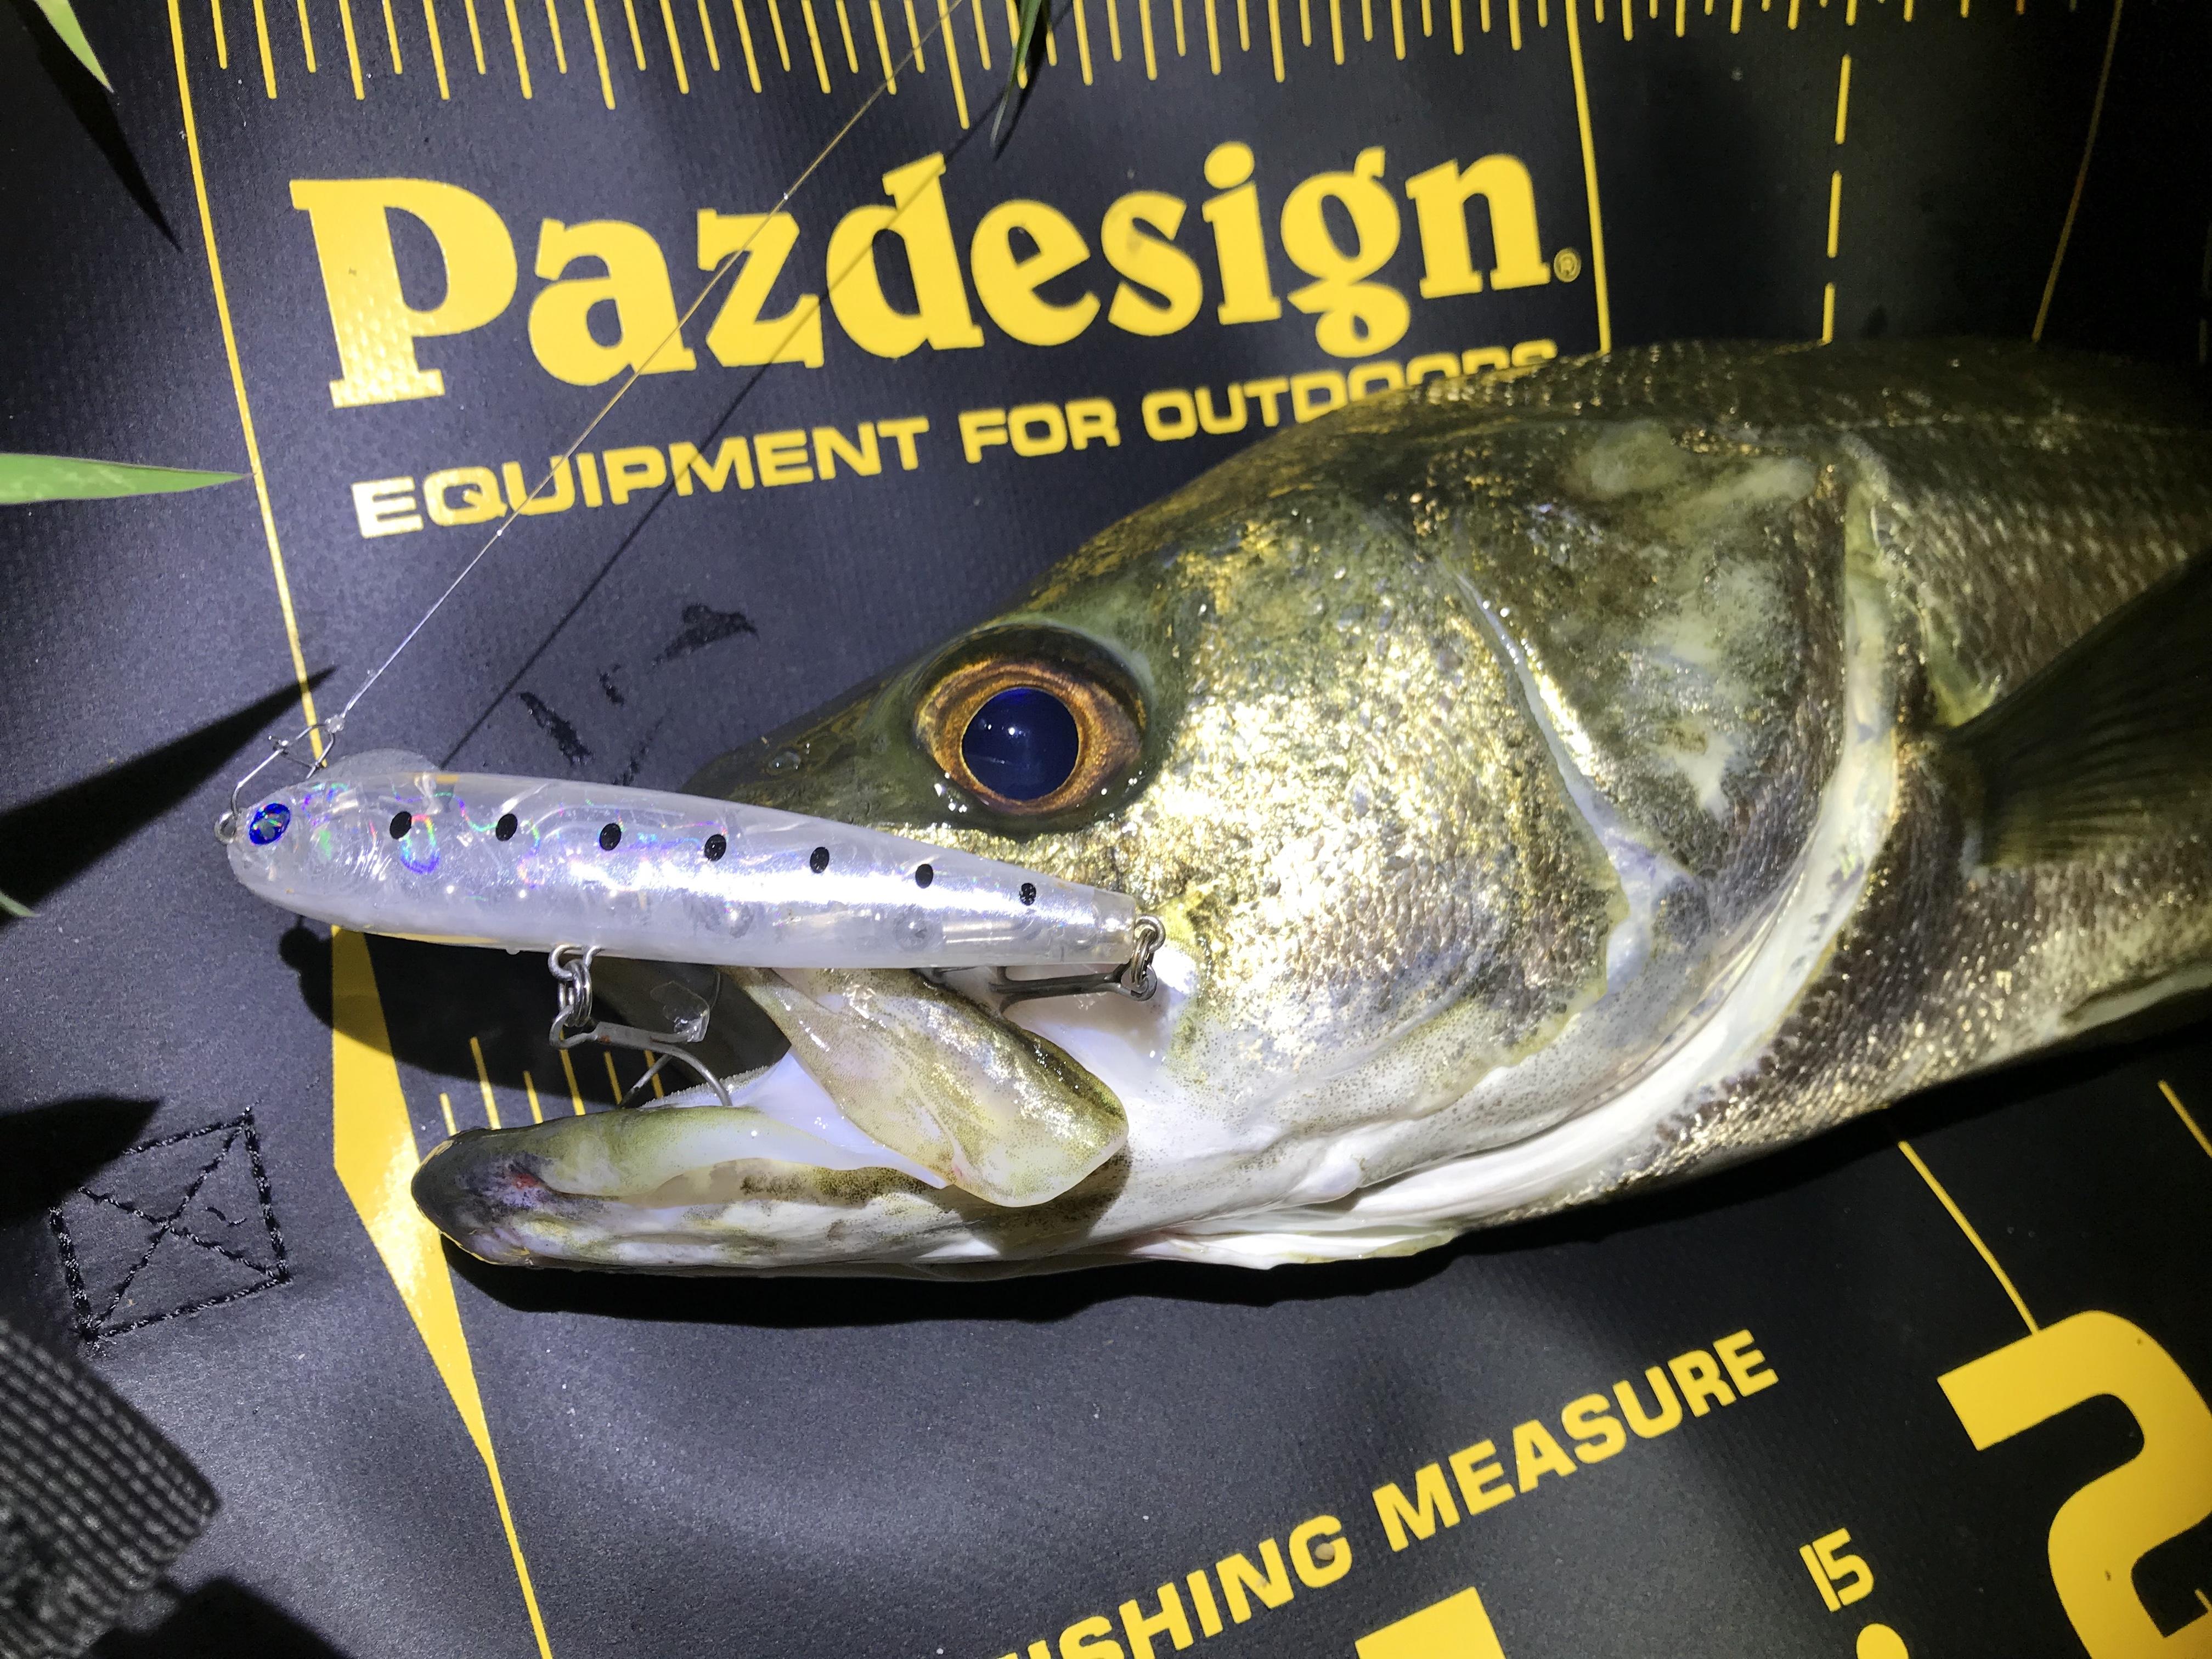 計測だけじゃない!パズデザイン プロテクトメジャーは魚保護も◎